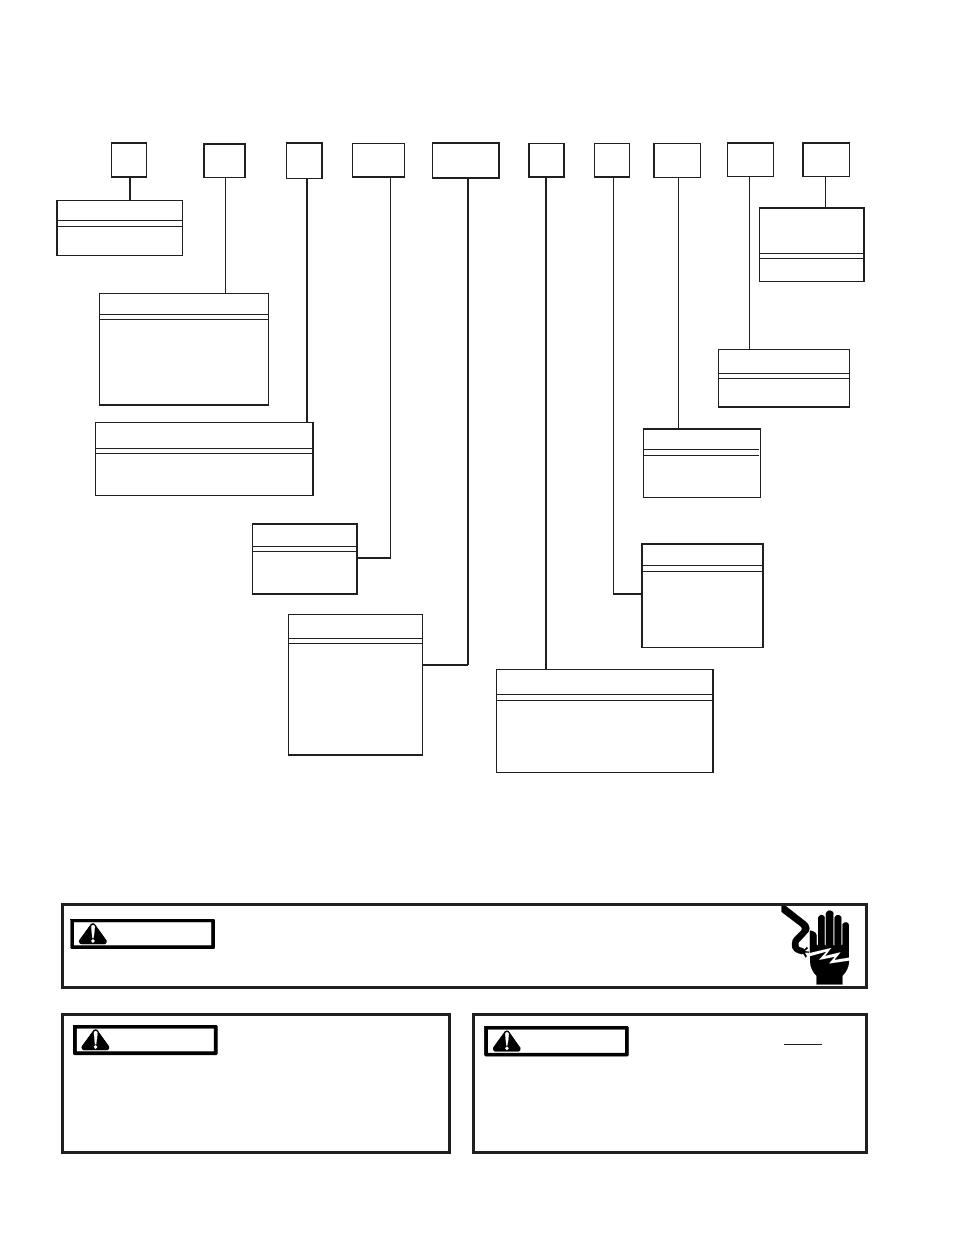 Goodman Mfg Gmh95 User Manual Manual Guide